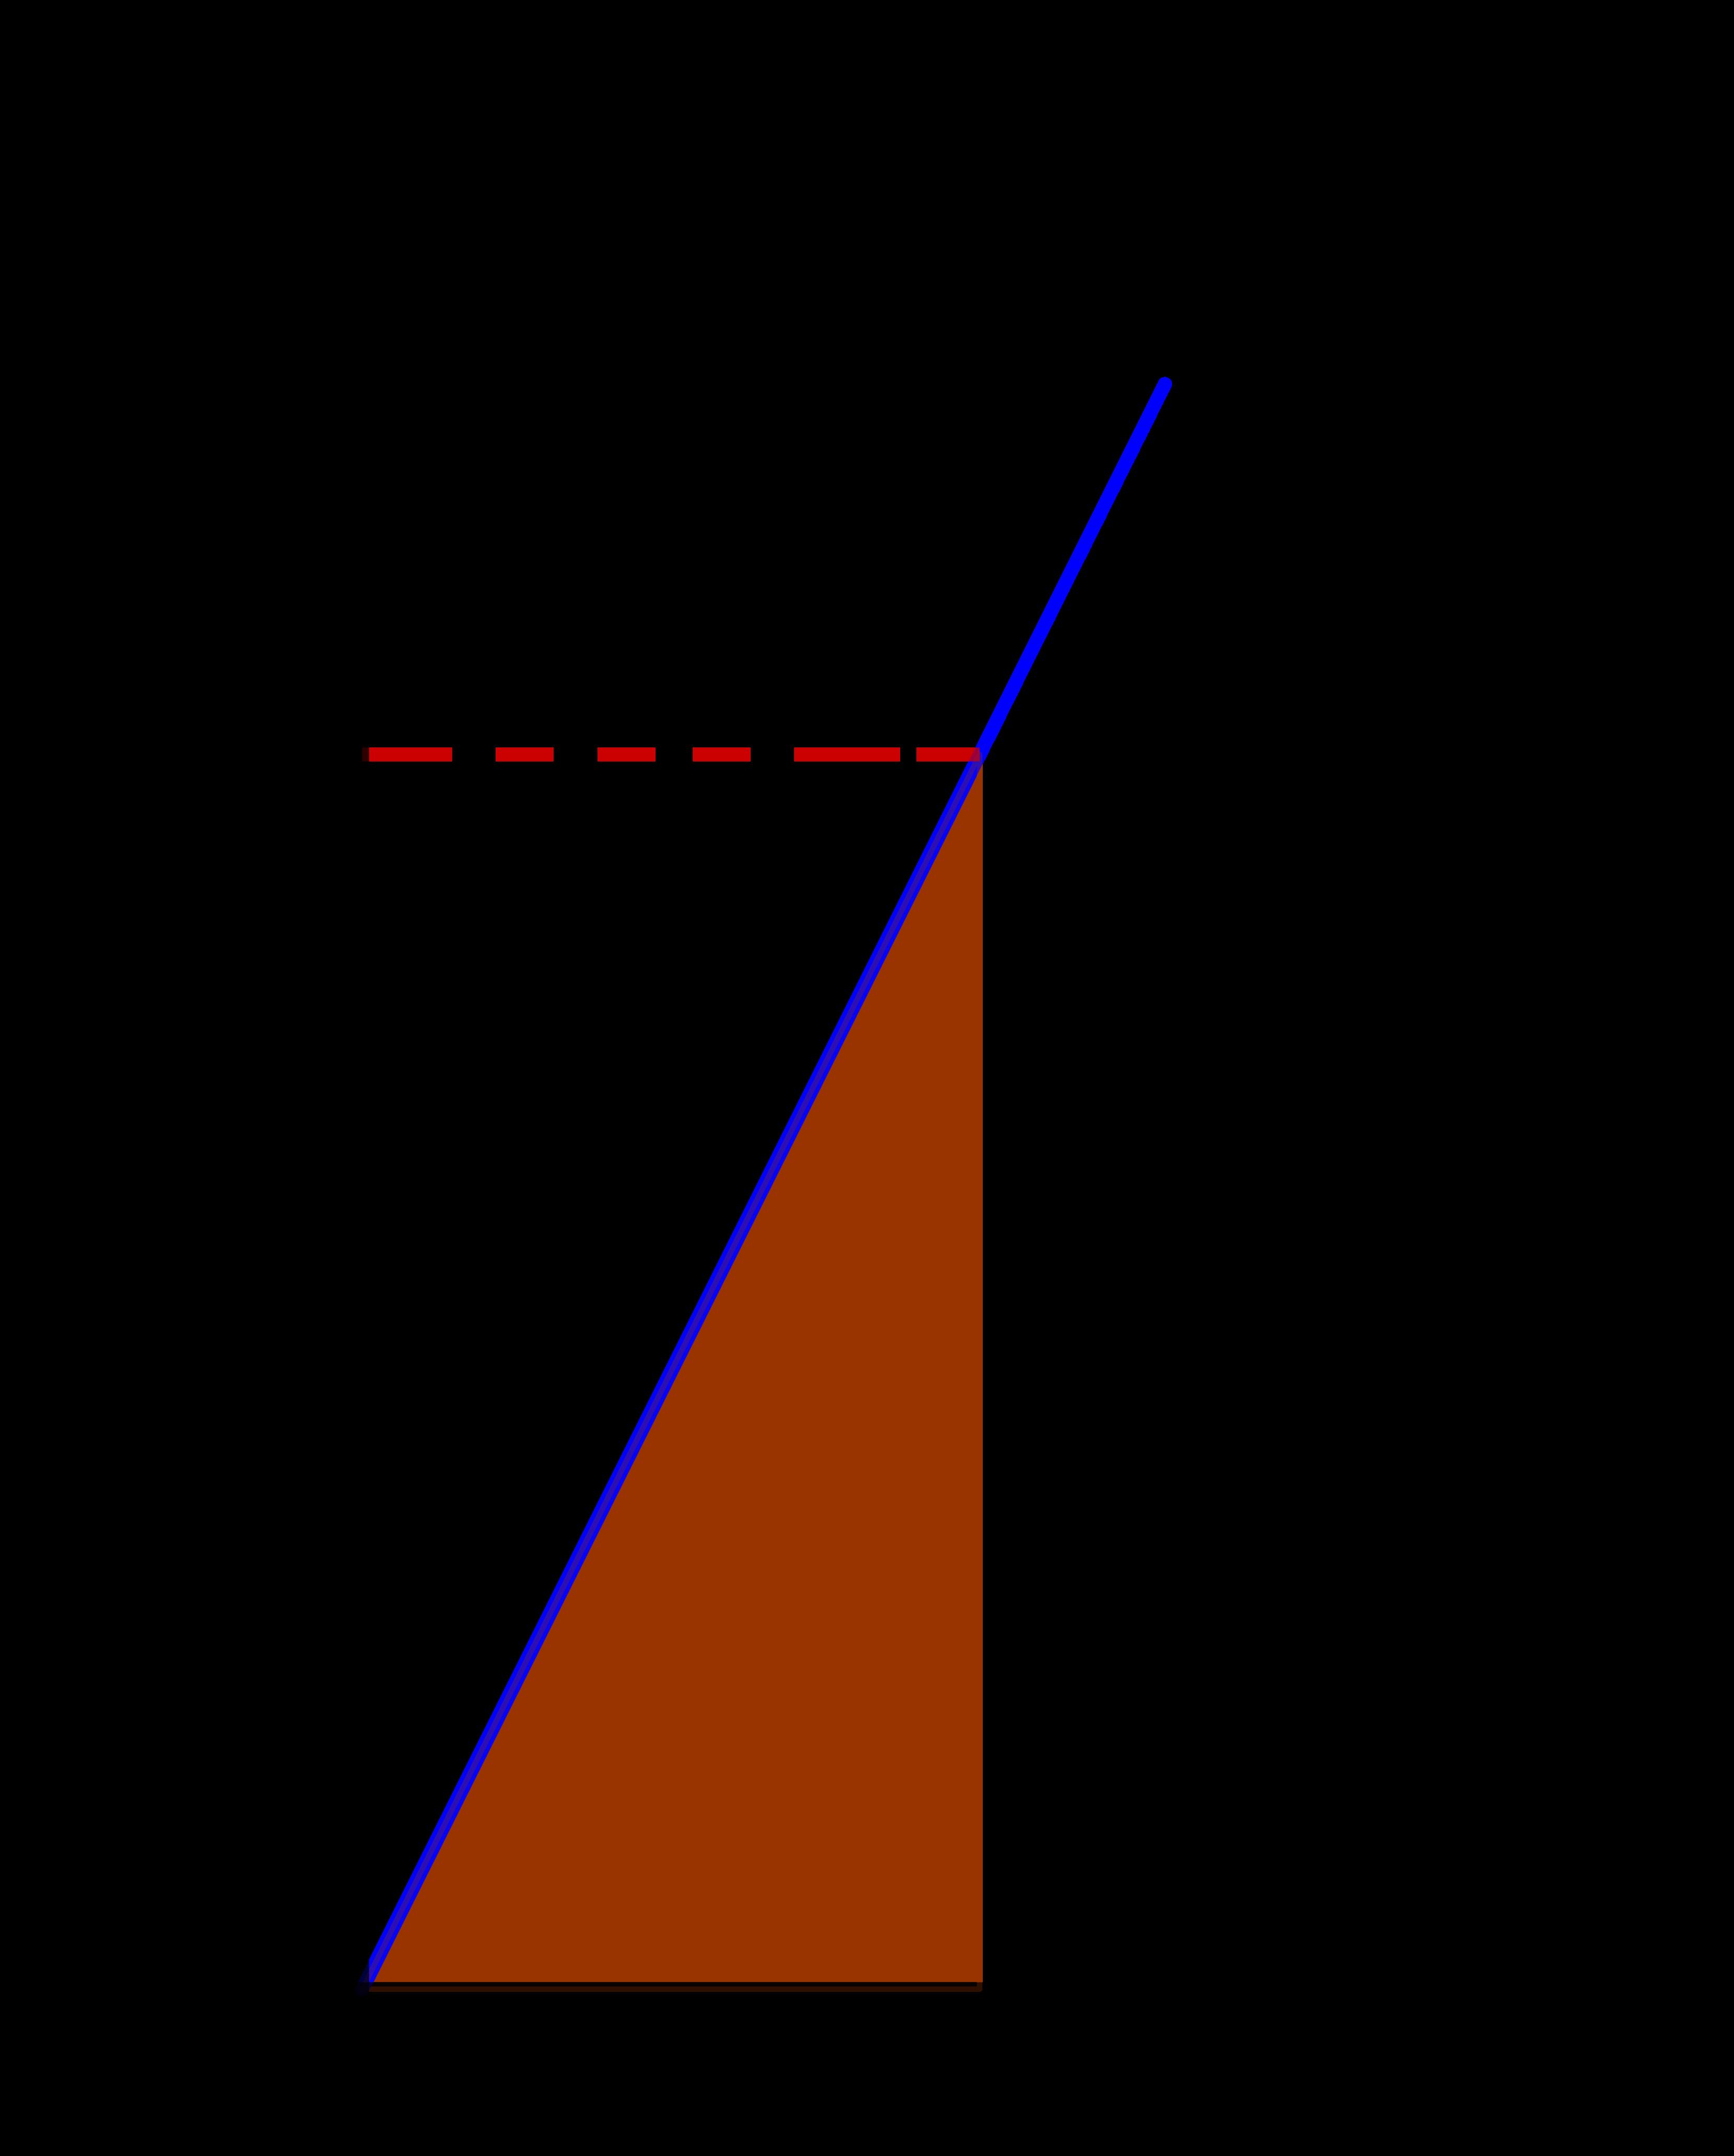 Daerah di bawah kurva y = 4x